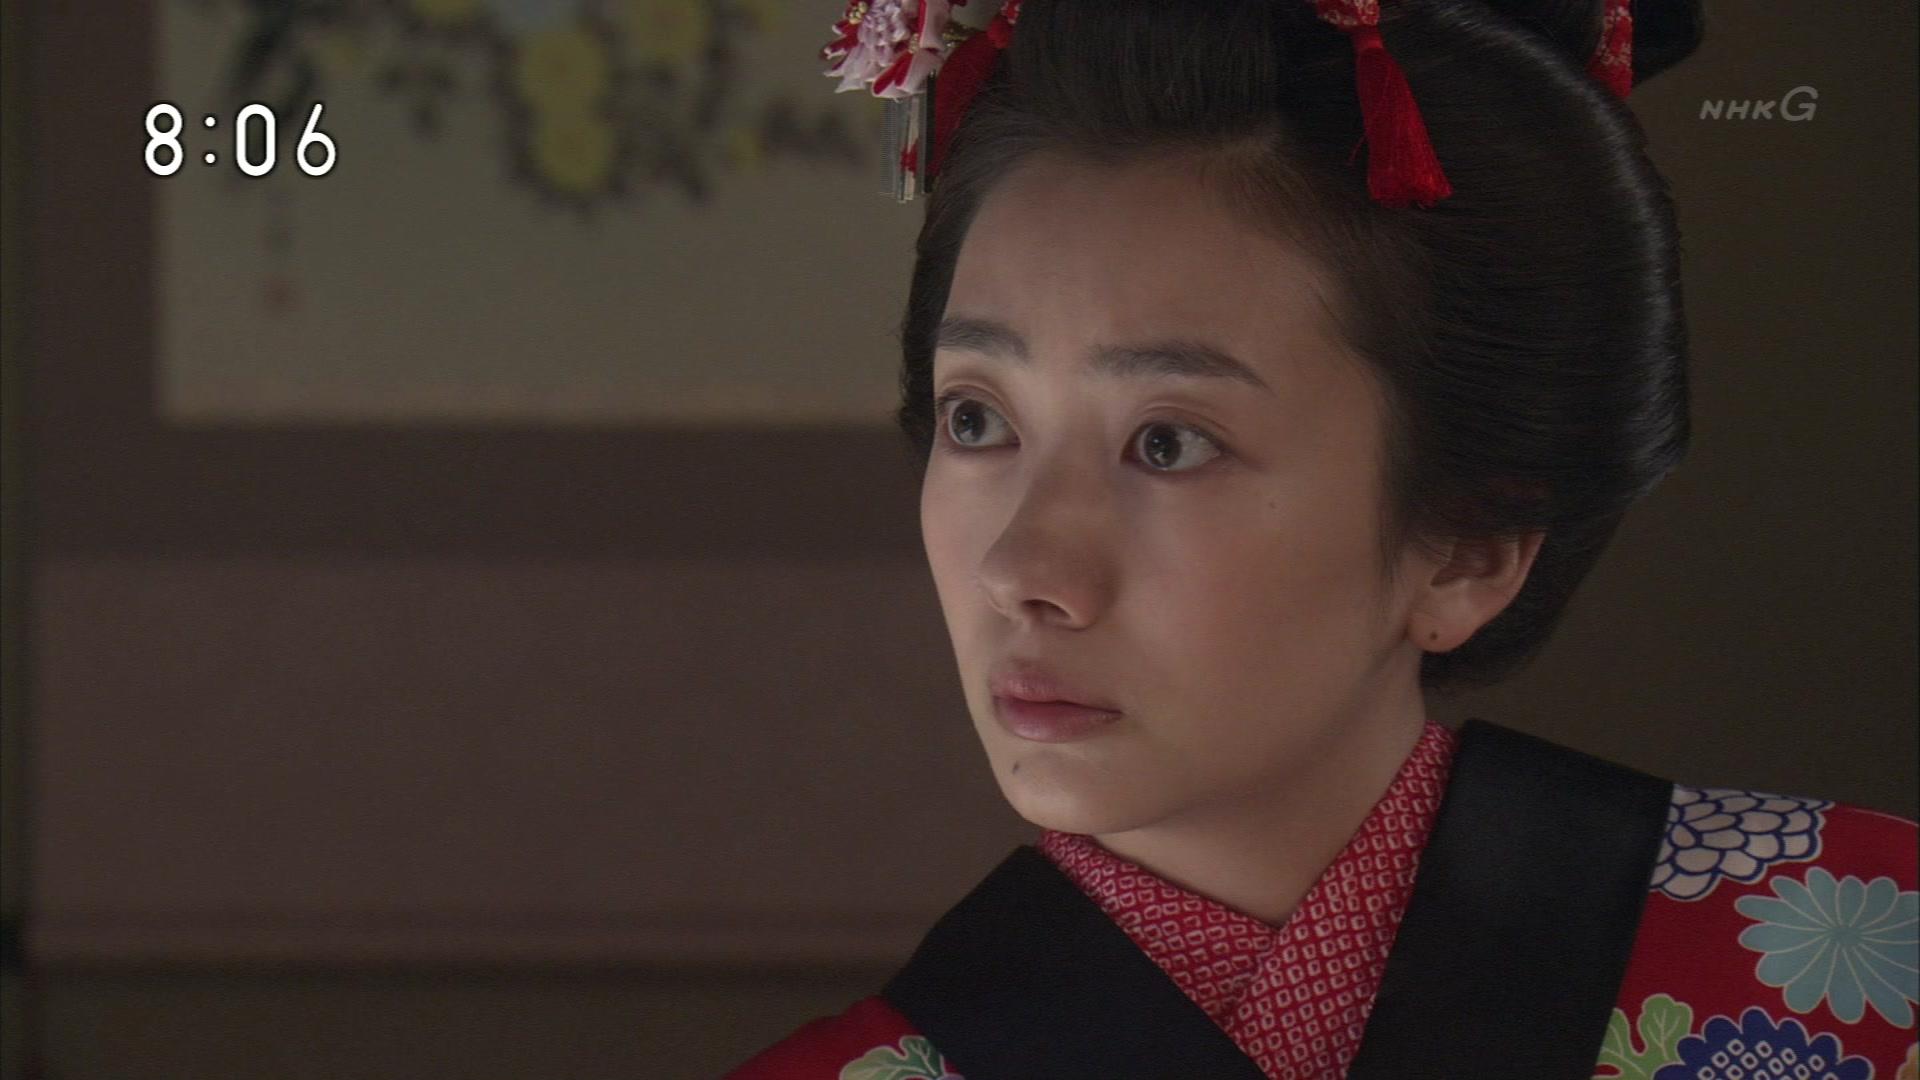 2015-10-05 08:00 連続テレビ小説 あさが来た(7)「ふたつの花びら」 1240